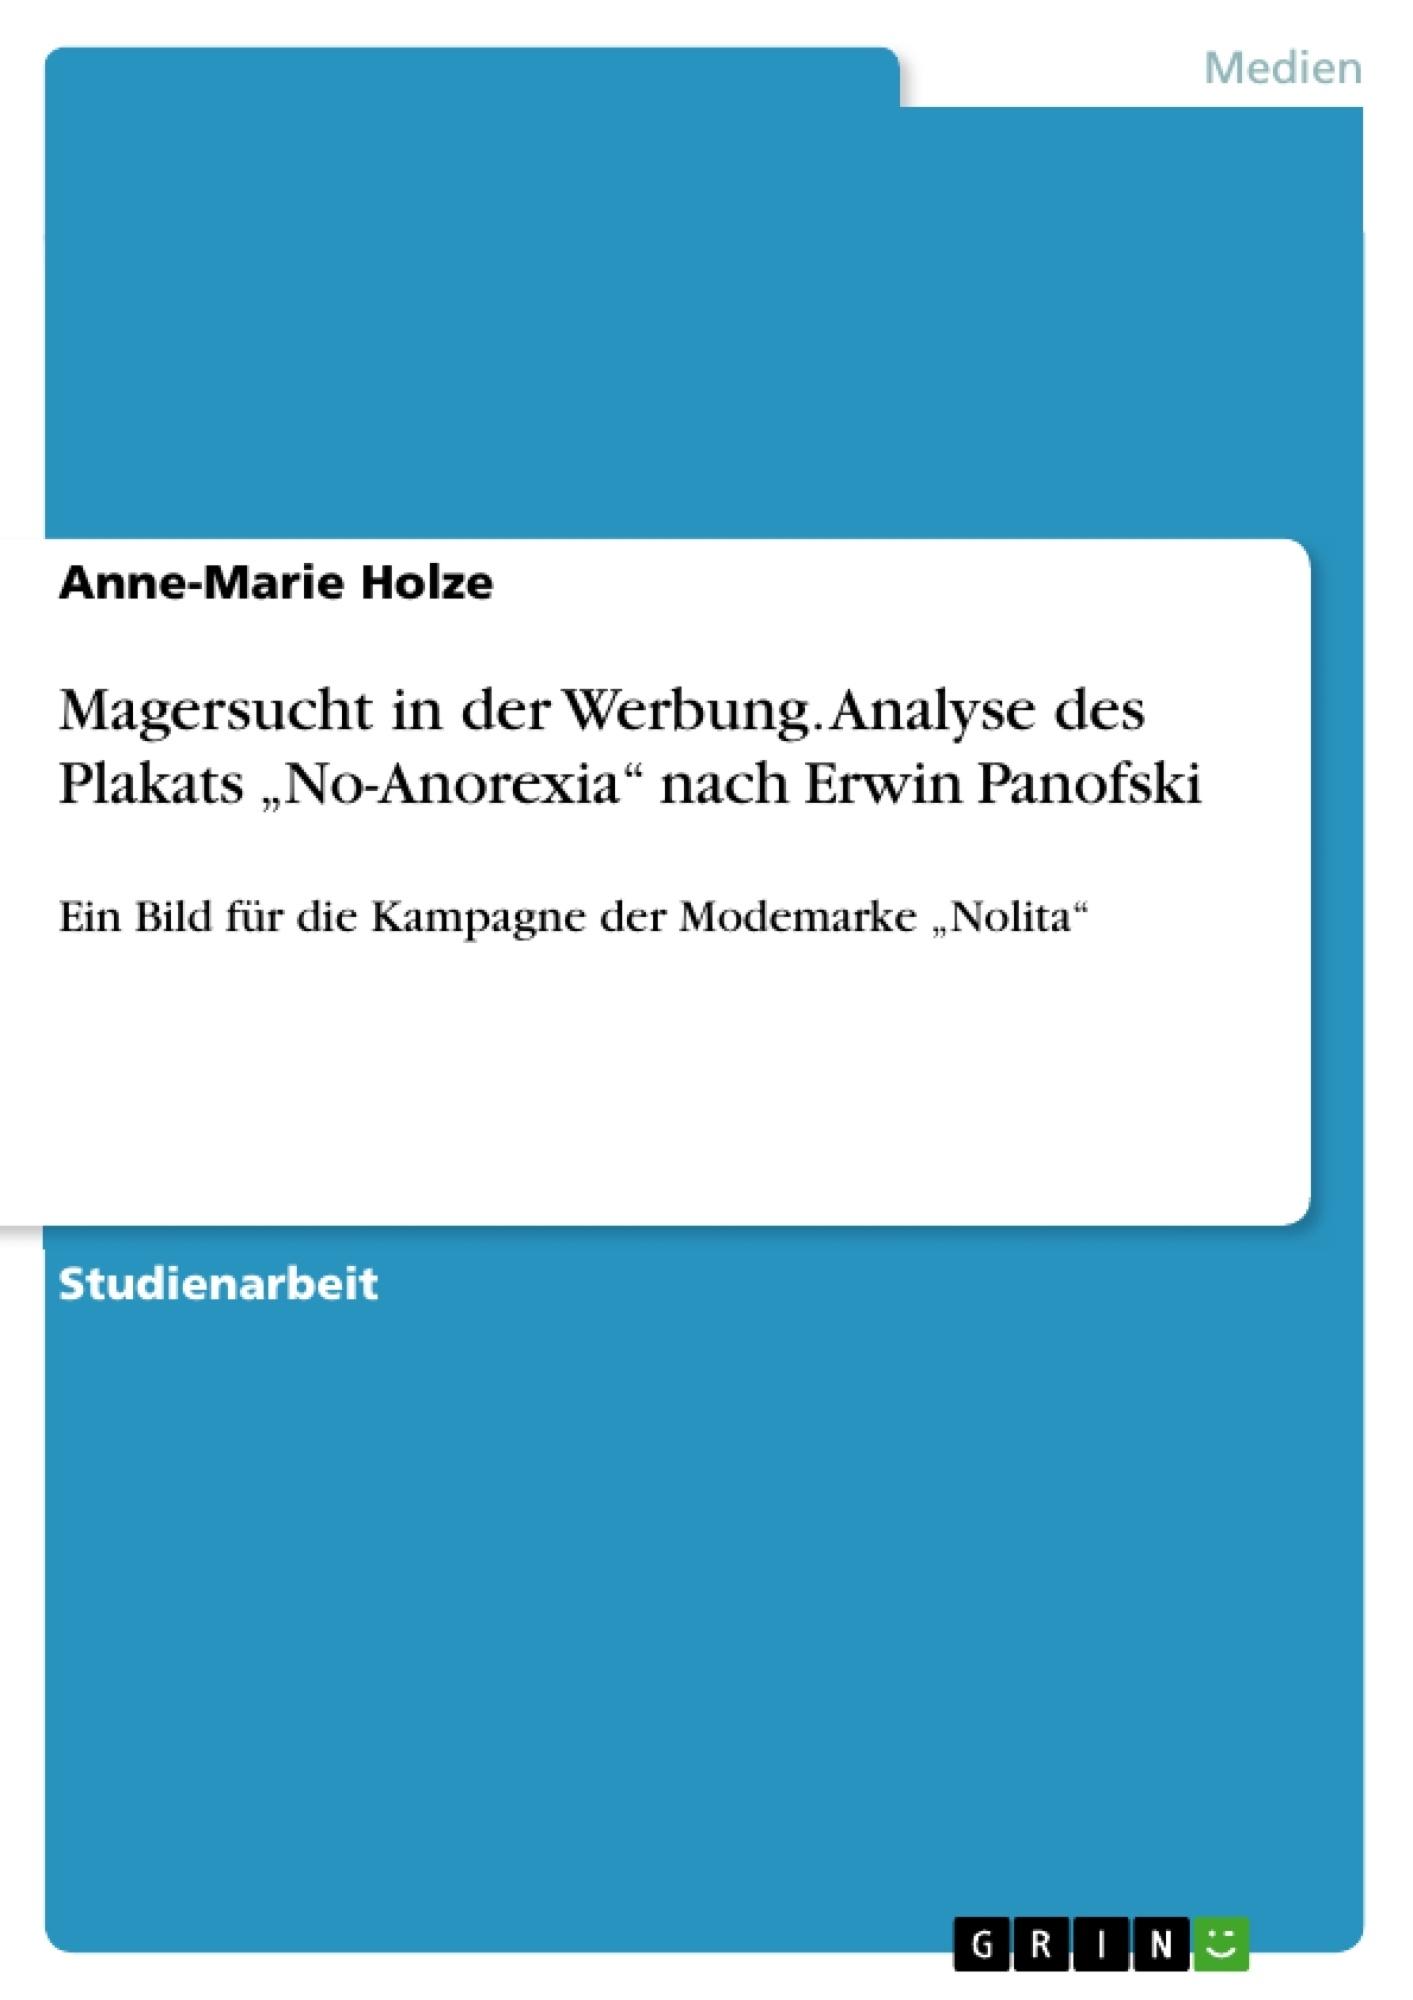 """Titel: Magersucht in der Werbung. Analyse des Plakats """"No-Anorexia"""" nach Erwin Panofski"""